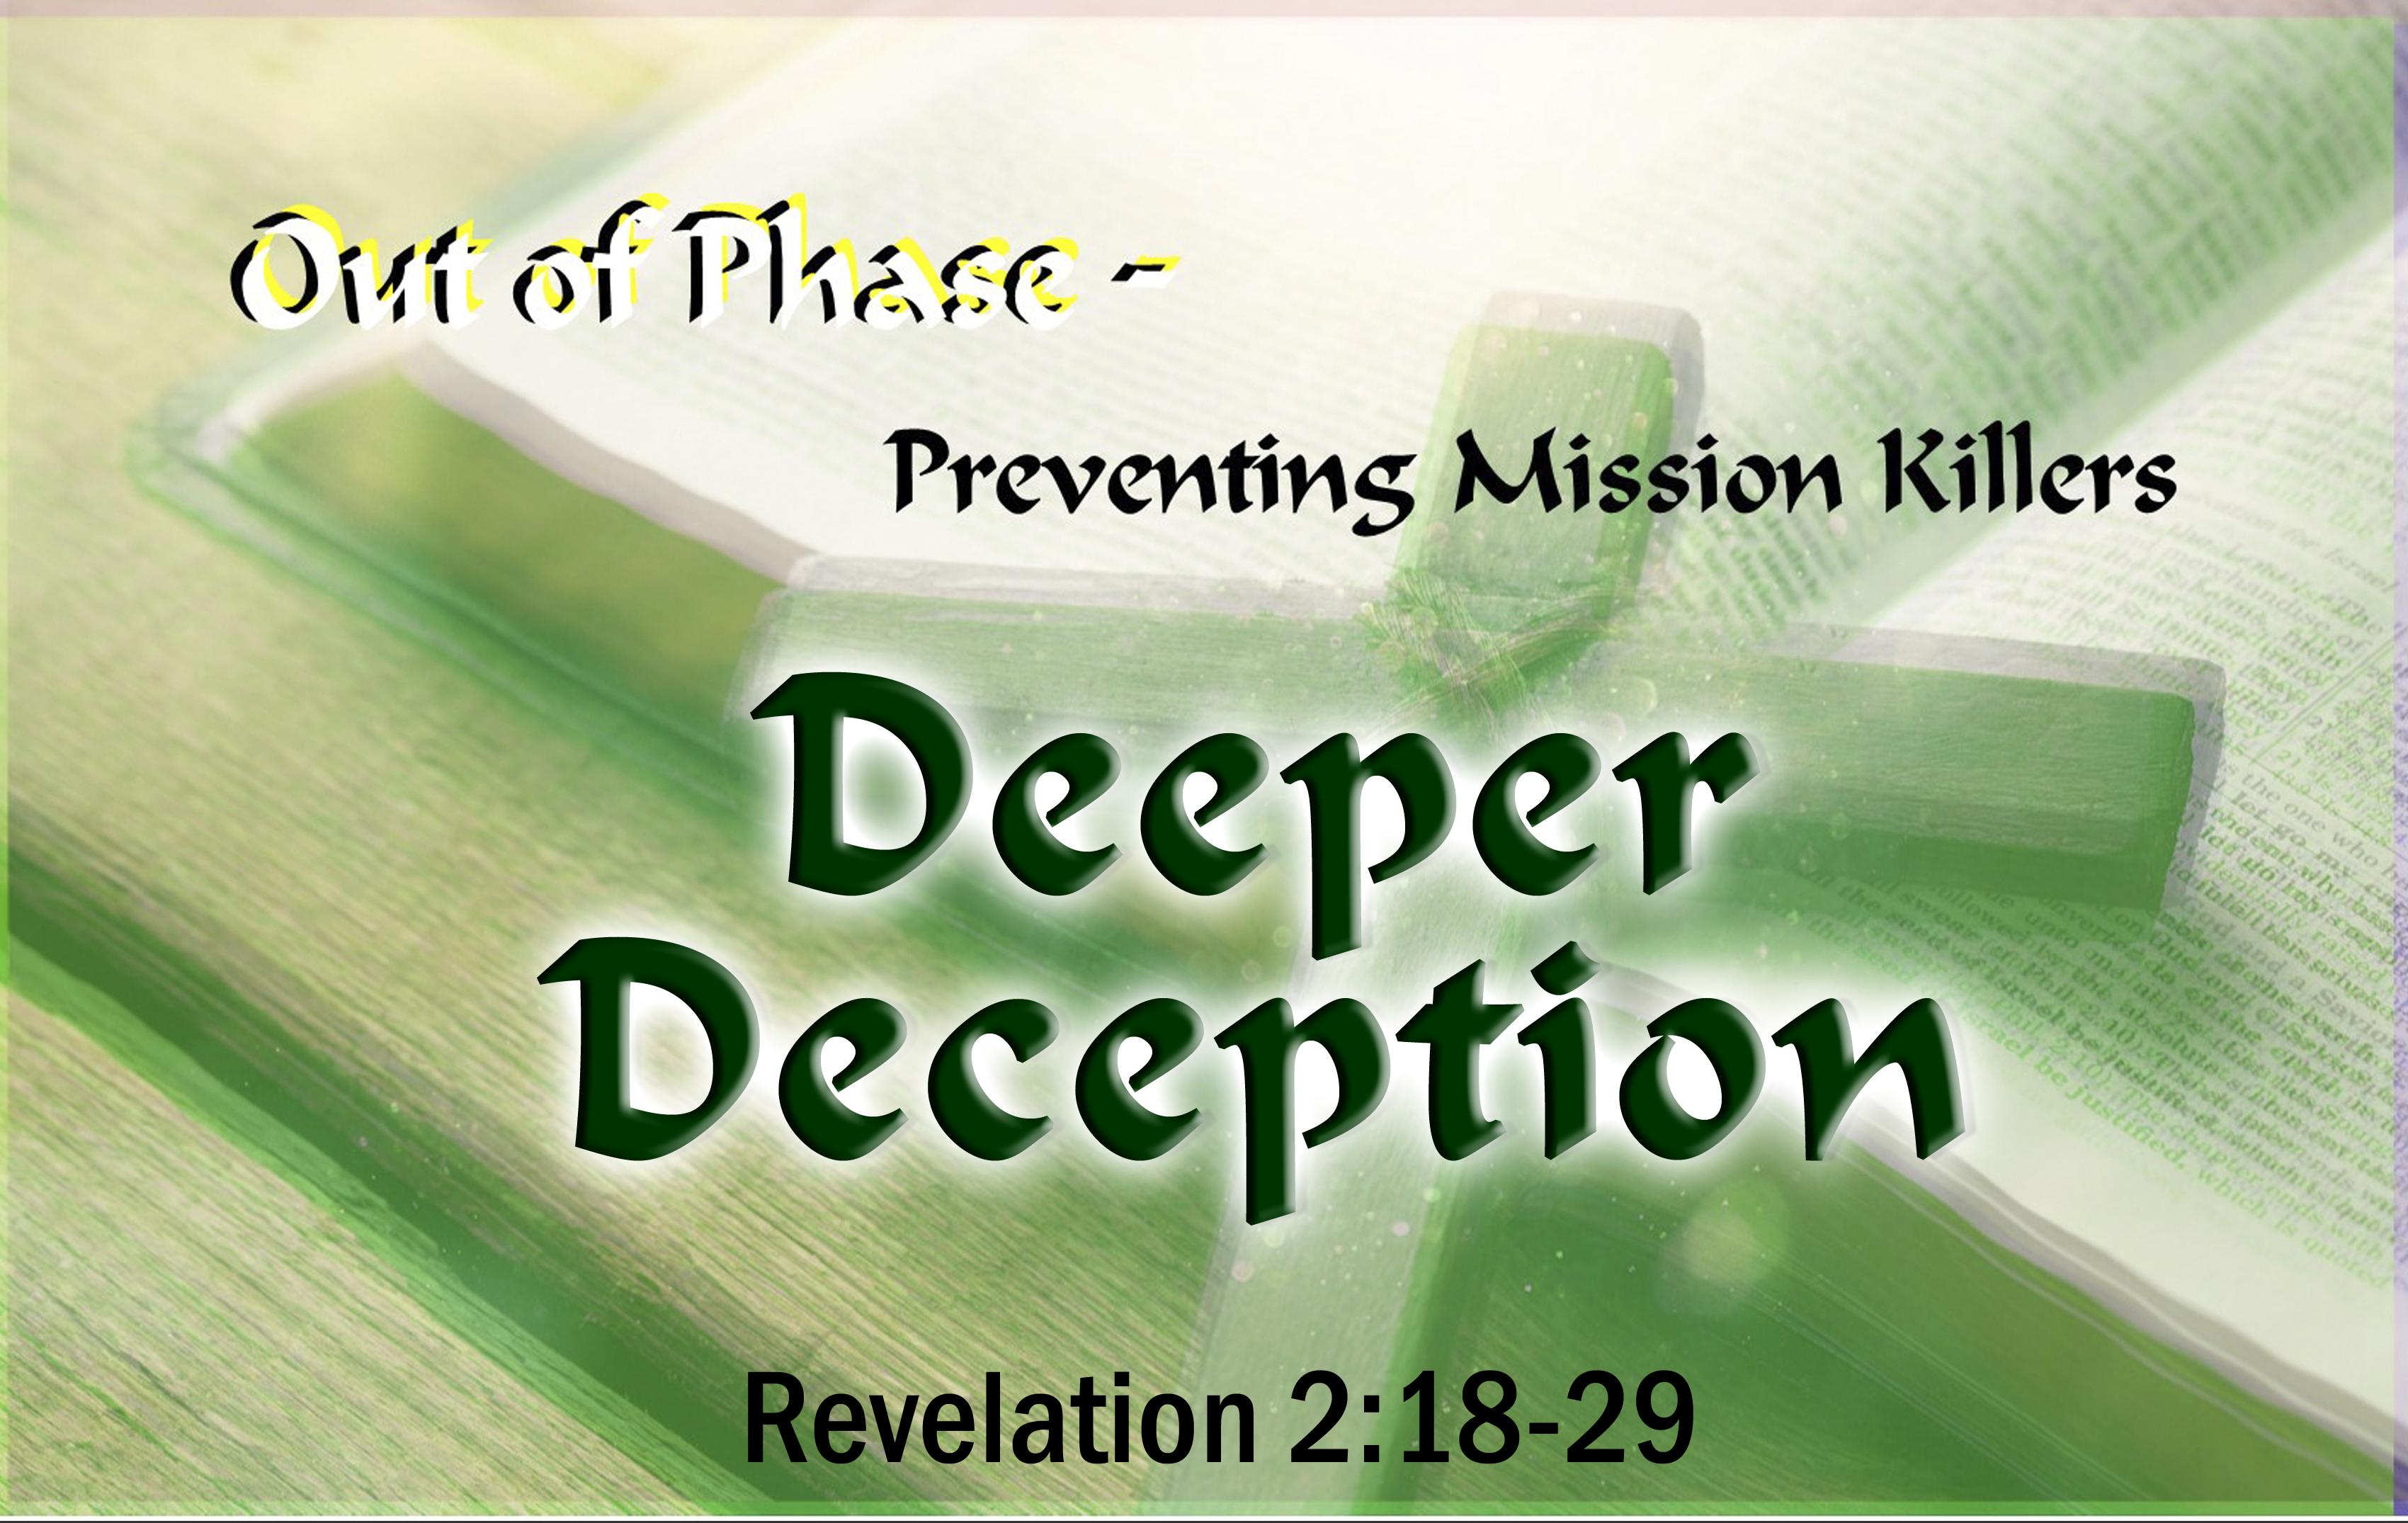 Deeper Deception